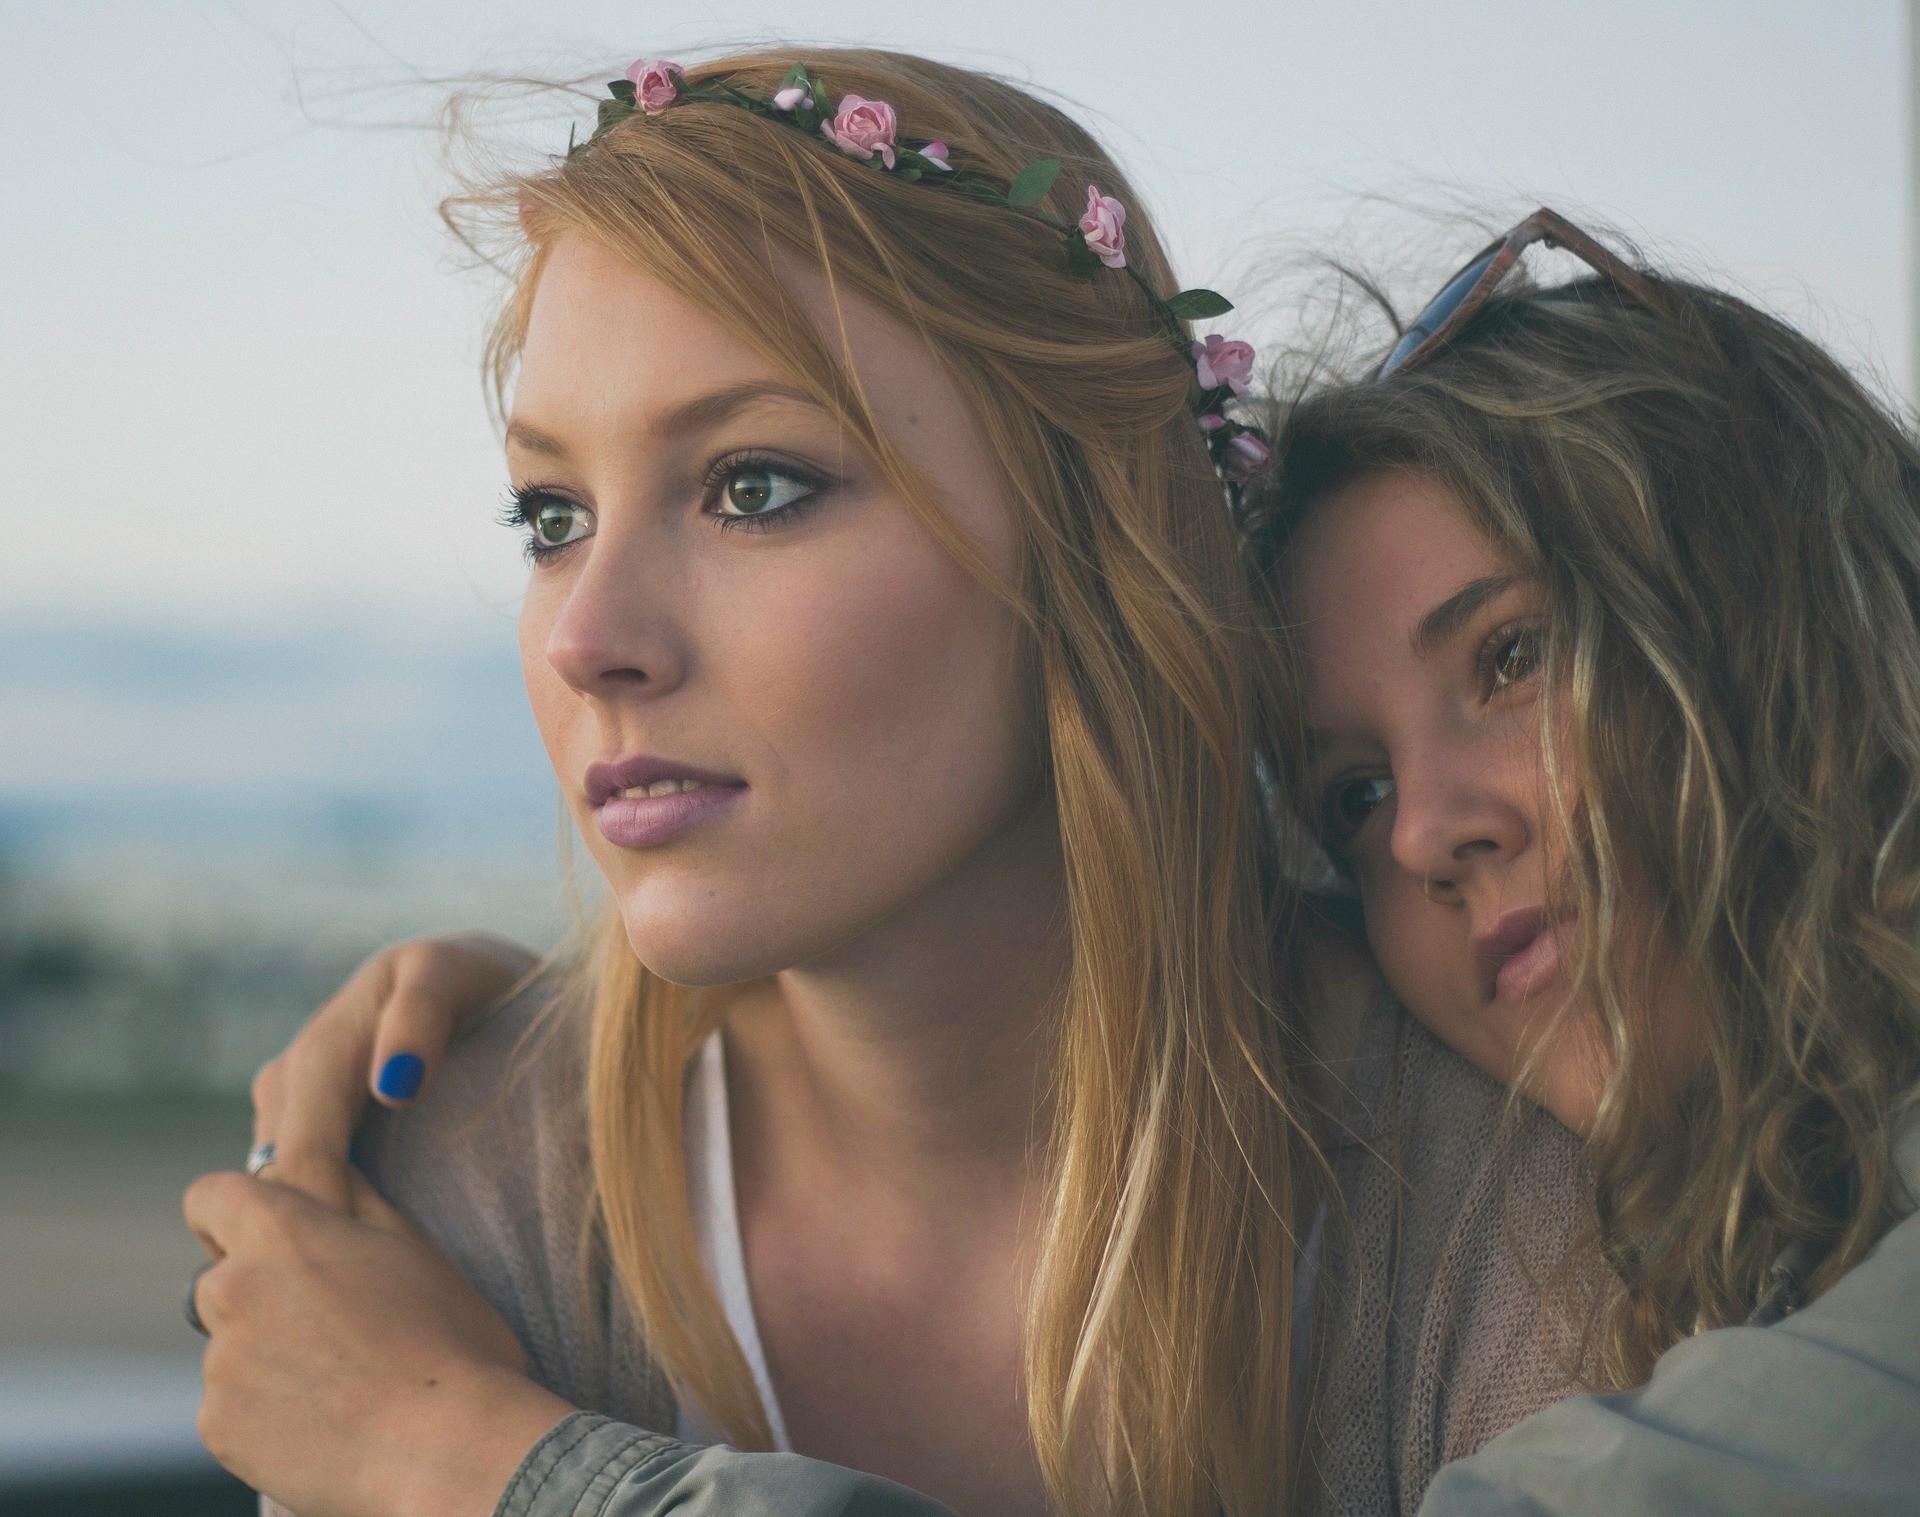 ▲蕭亞軒認為女生談戀愛不能一頭栽下去,還是要有獨立朋友圈。(圖/免費圖庫/pixabay)